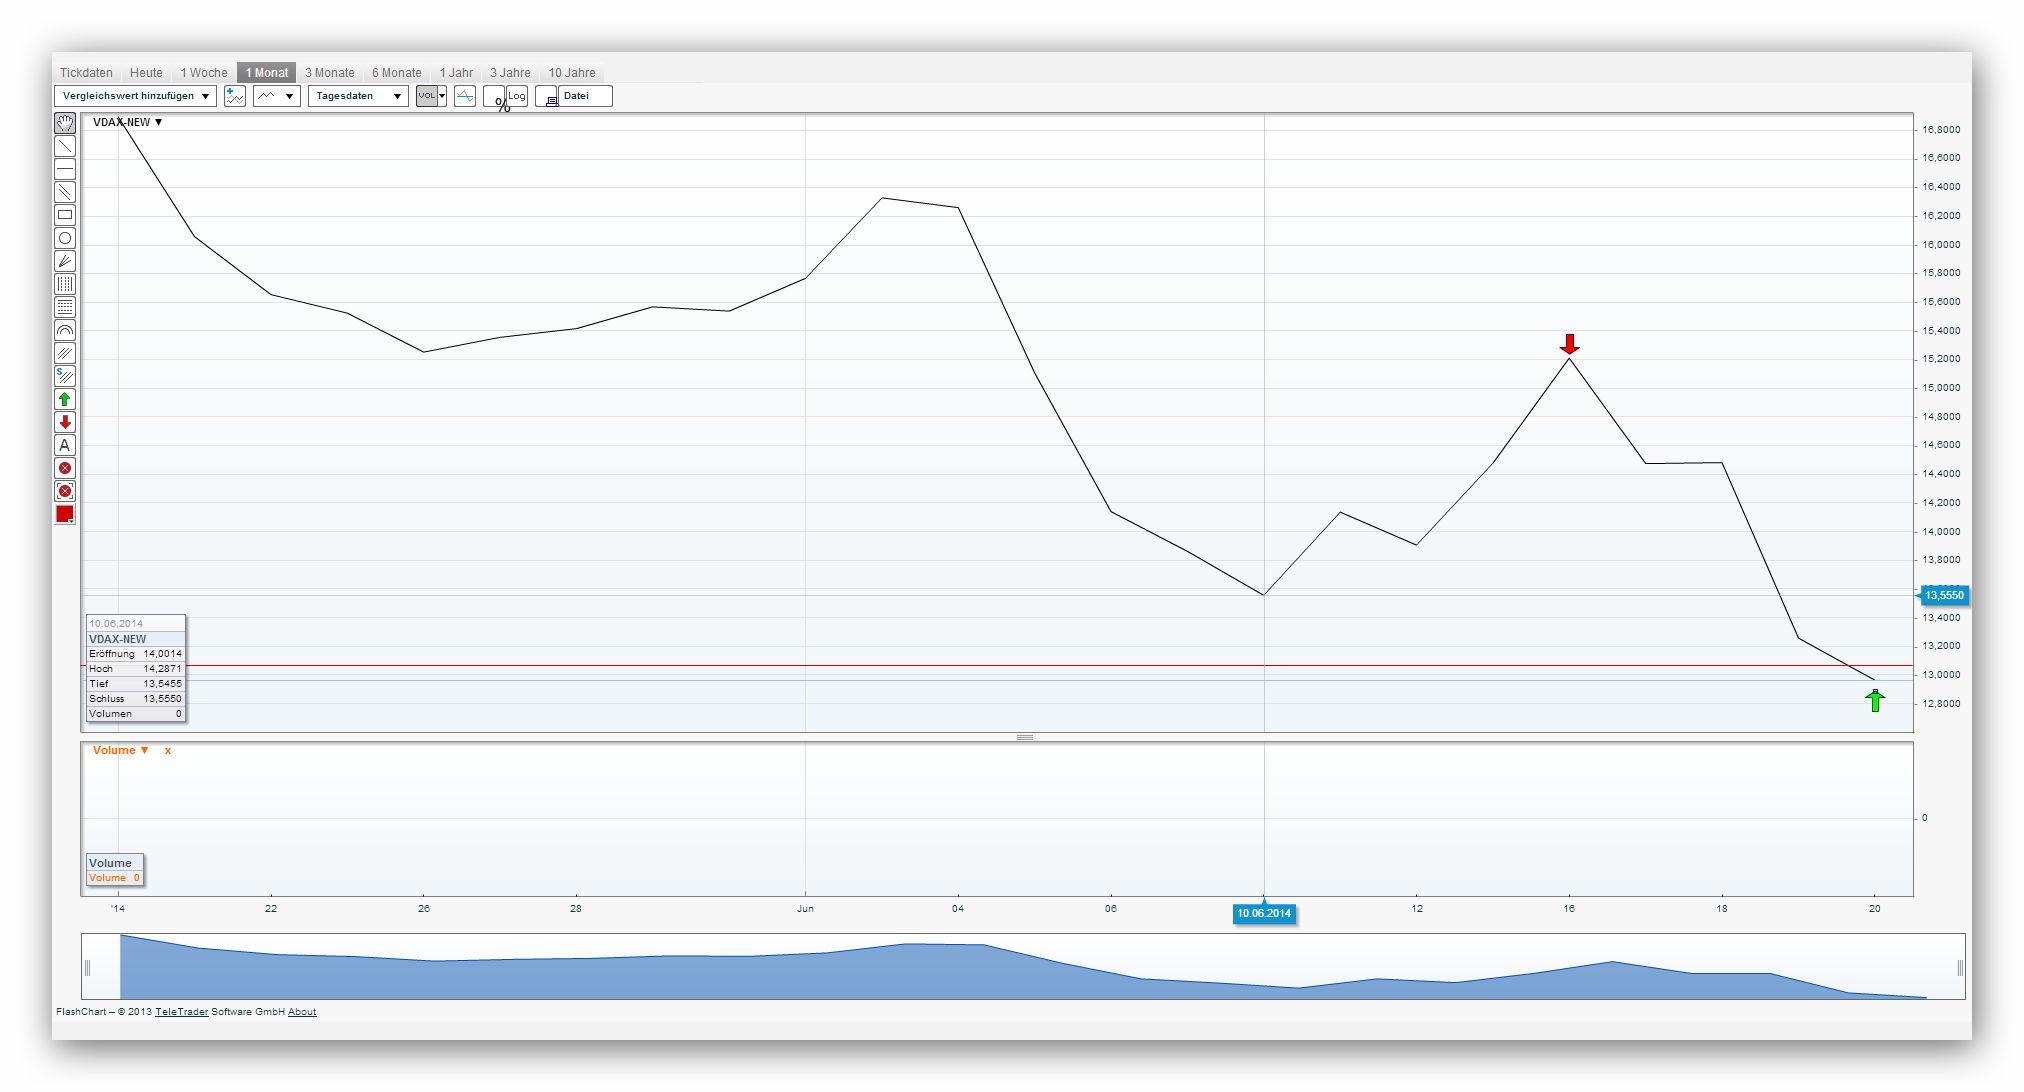 Resumen semanal Gráfico volatilidad (16/06/2014 - 20/06/2014)